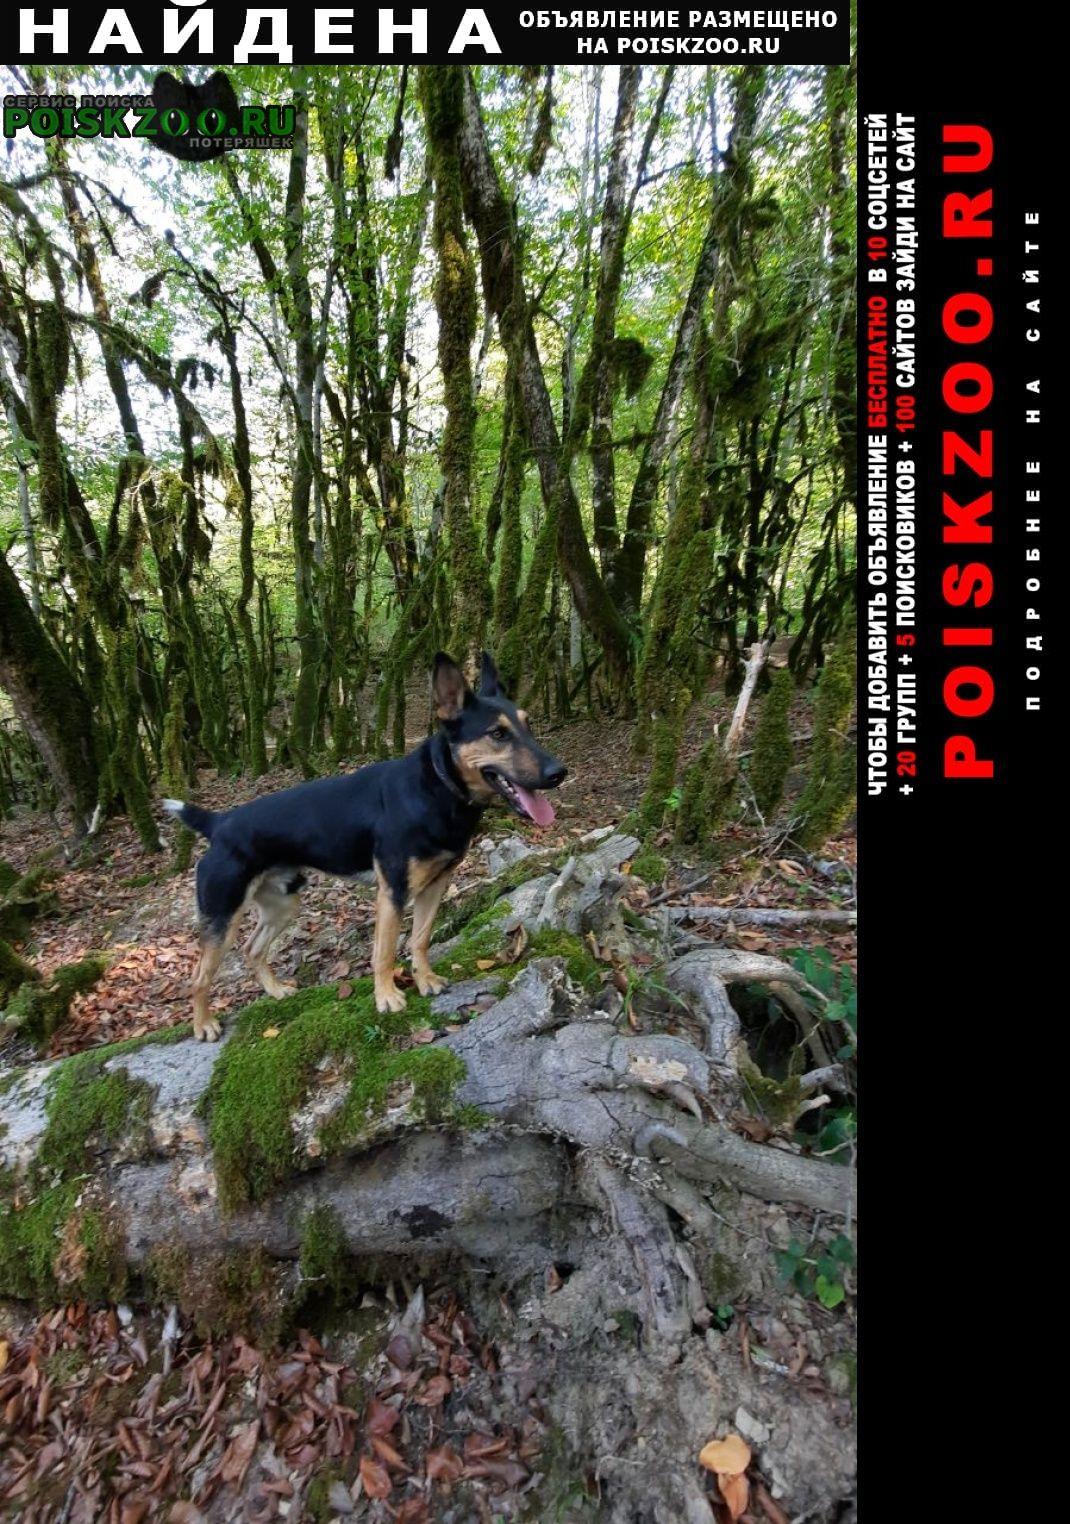 Найдена собака увязалась в голицыно осталась в к Адлер